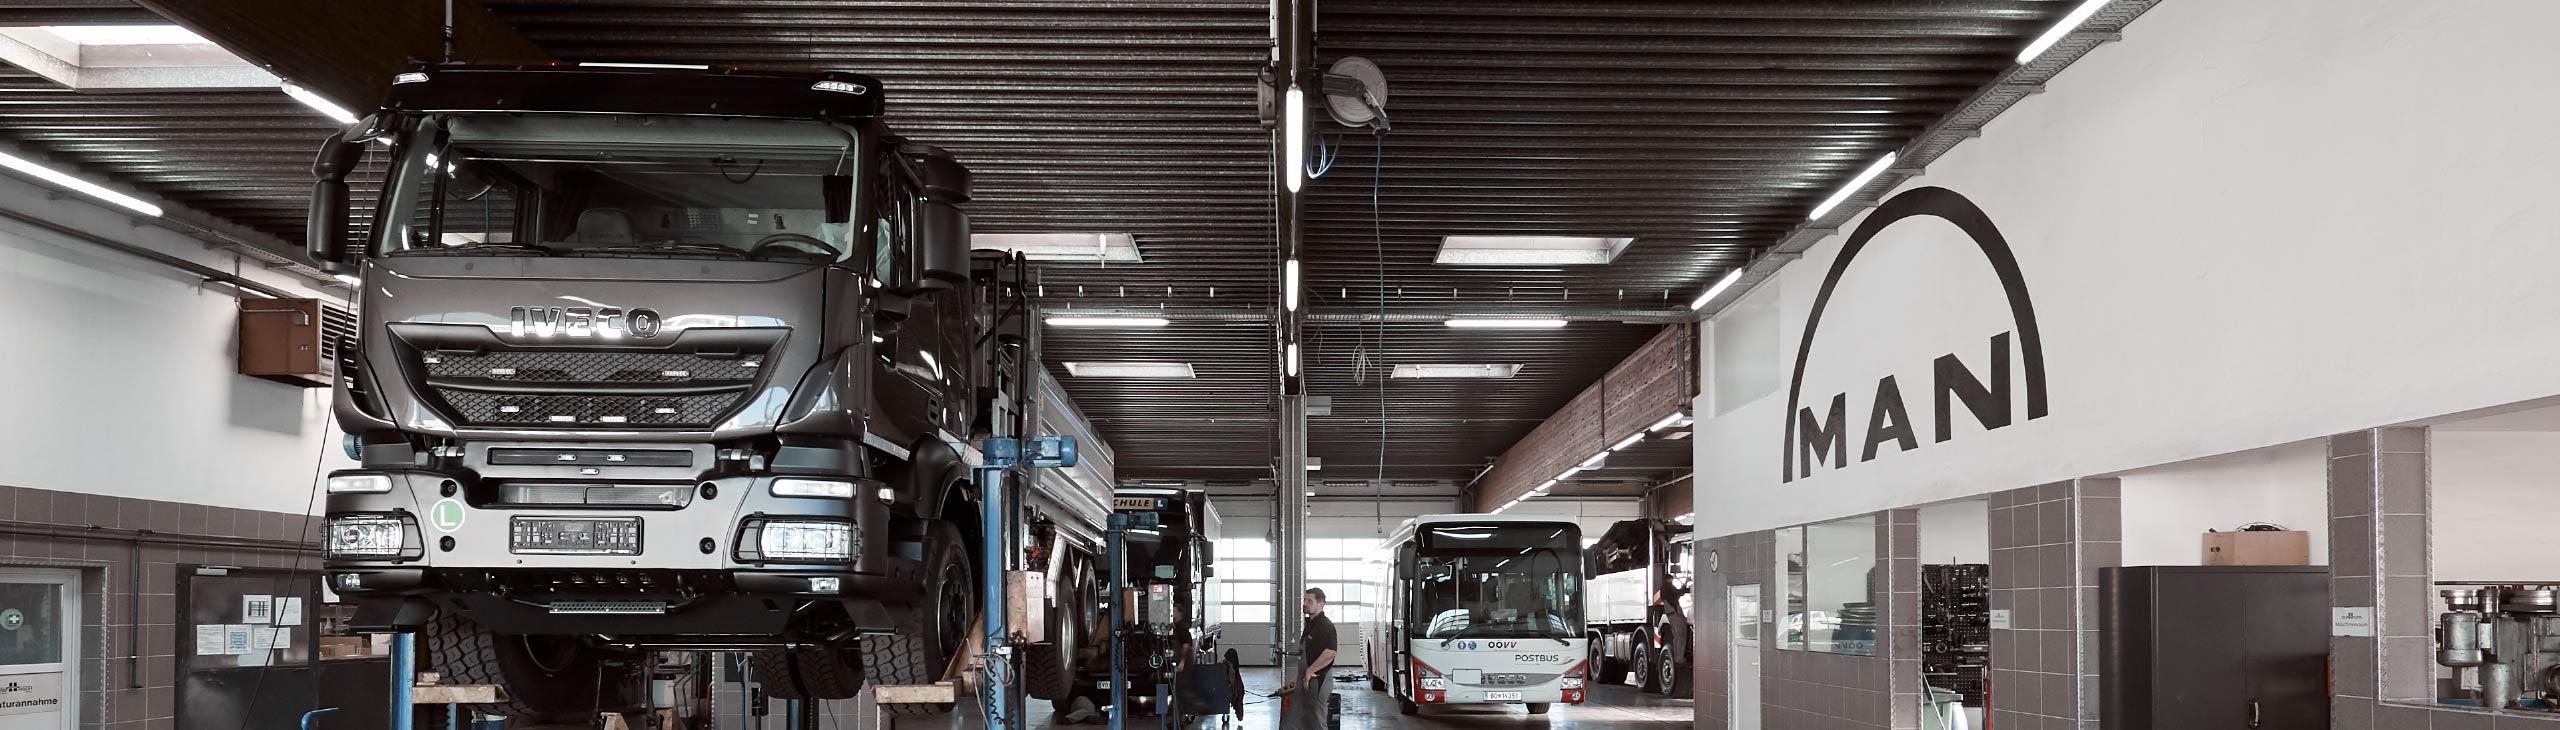 Samhaber LKW-Center GmbH